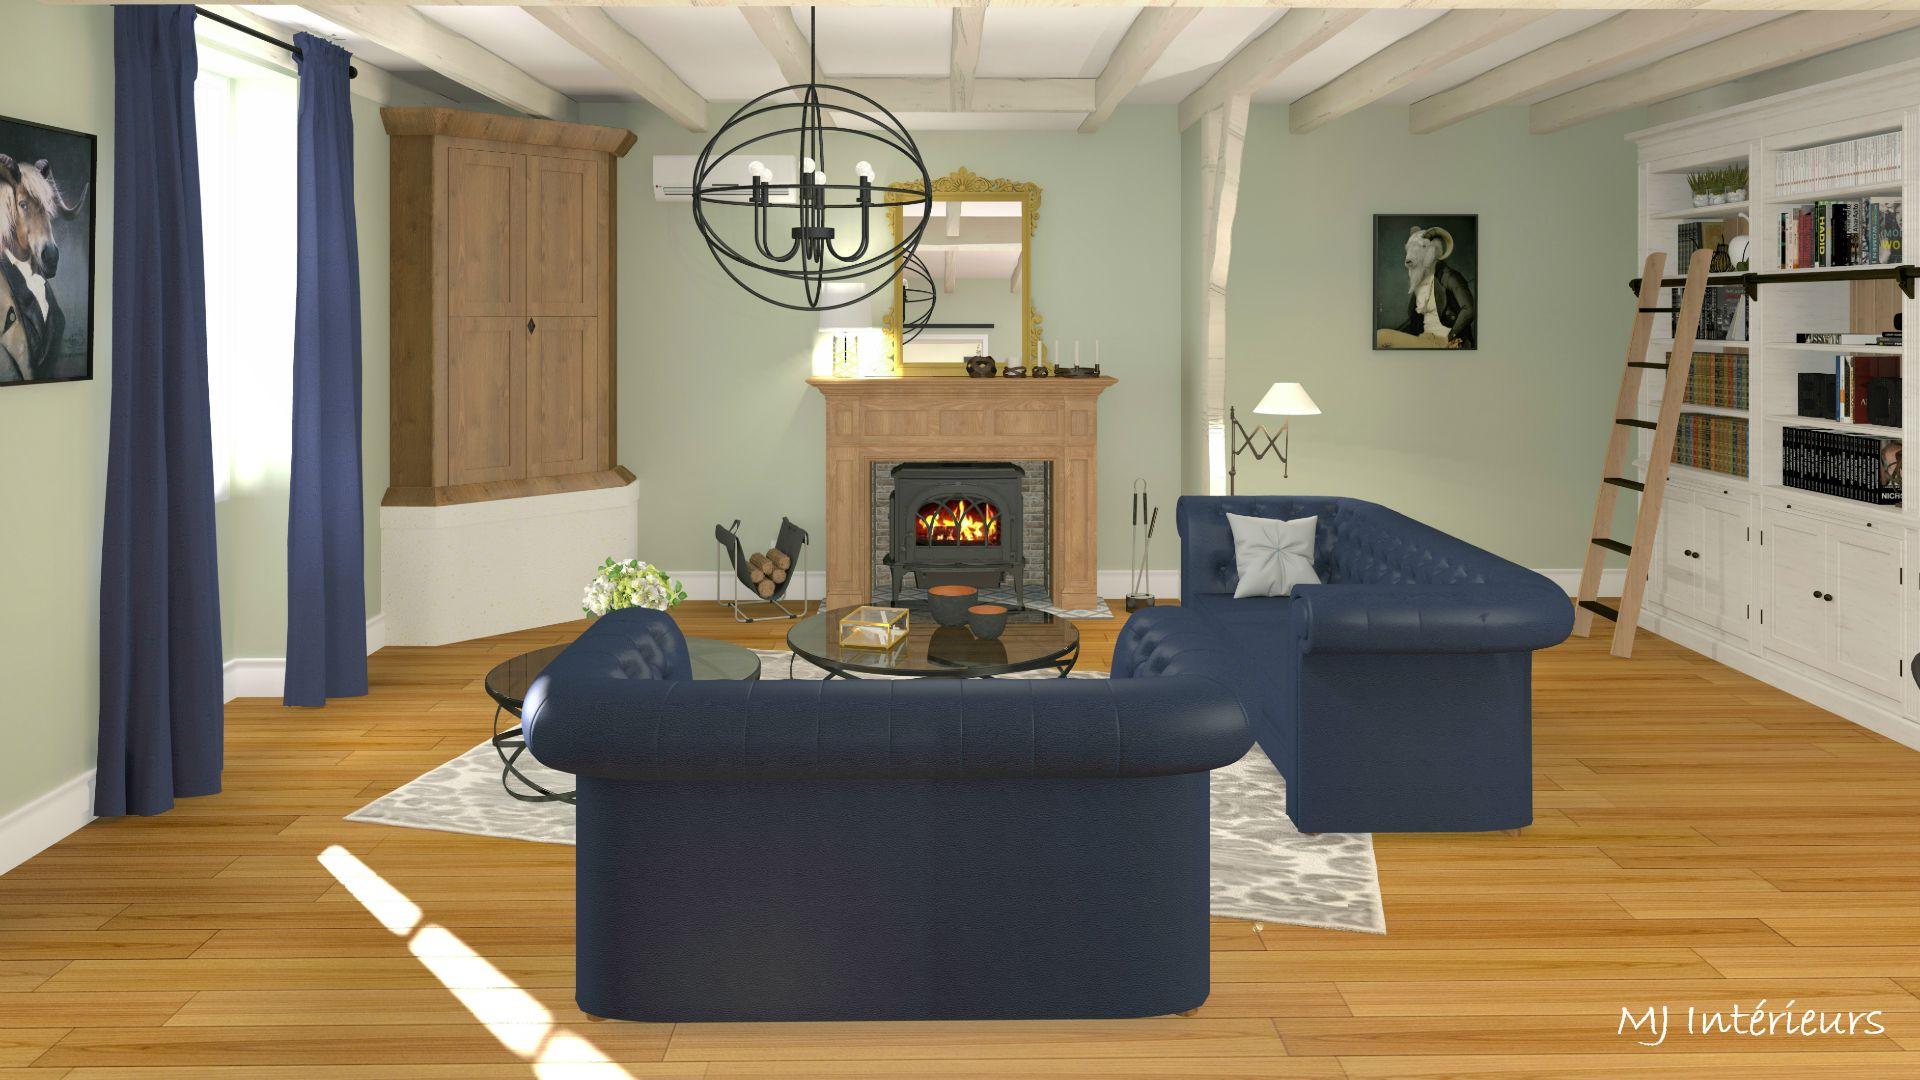 Home Staging Virtuel D Une Maison Charentaise Le Salon Melange Des Styles Classique Campagne Chic Et Desi Decoration Interieure Salle De Sejour Idee Chambre